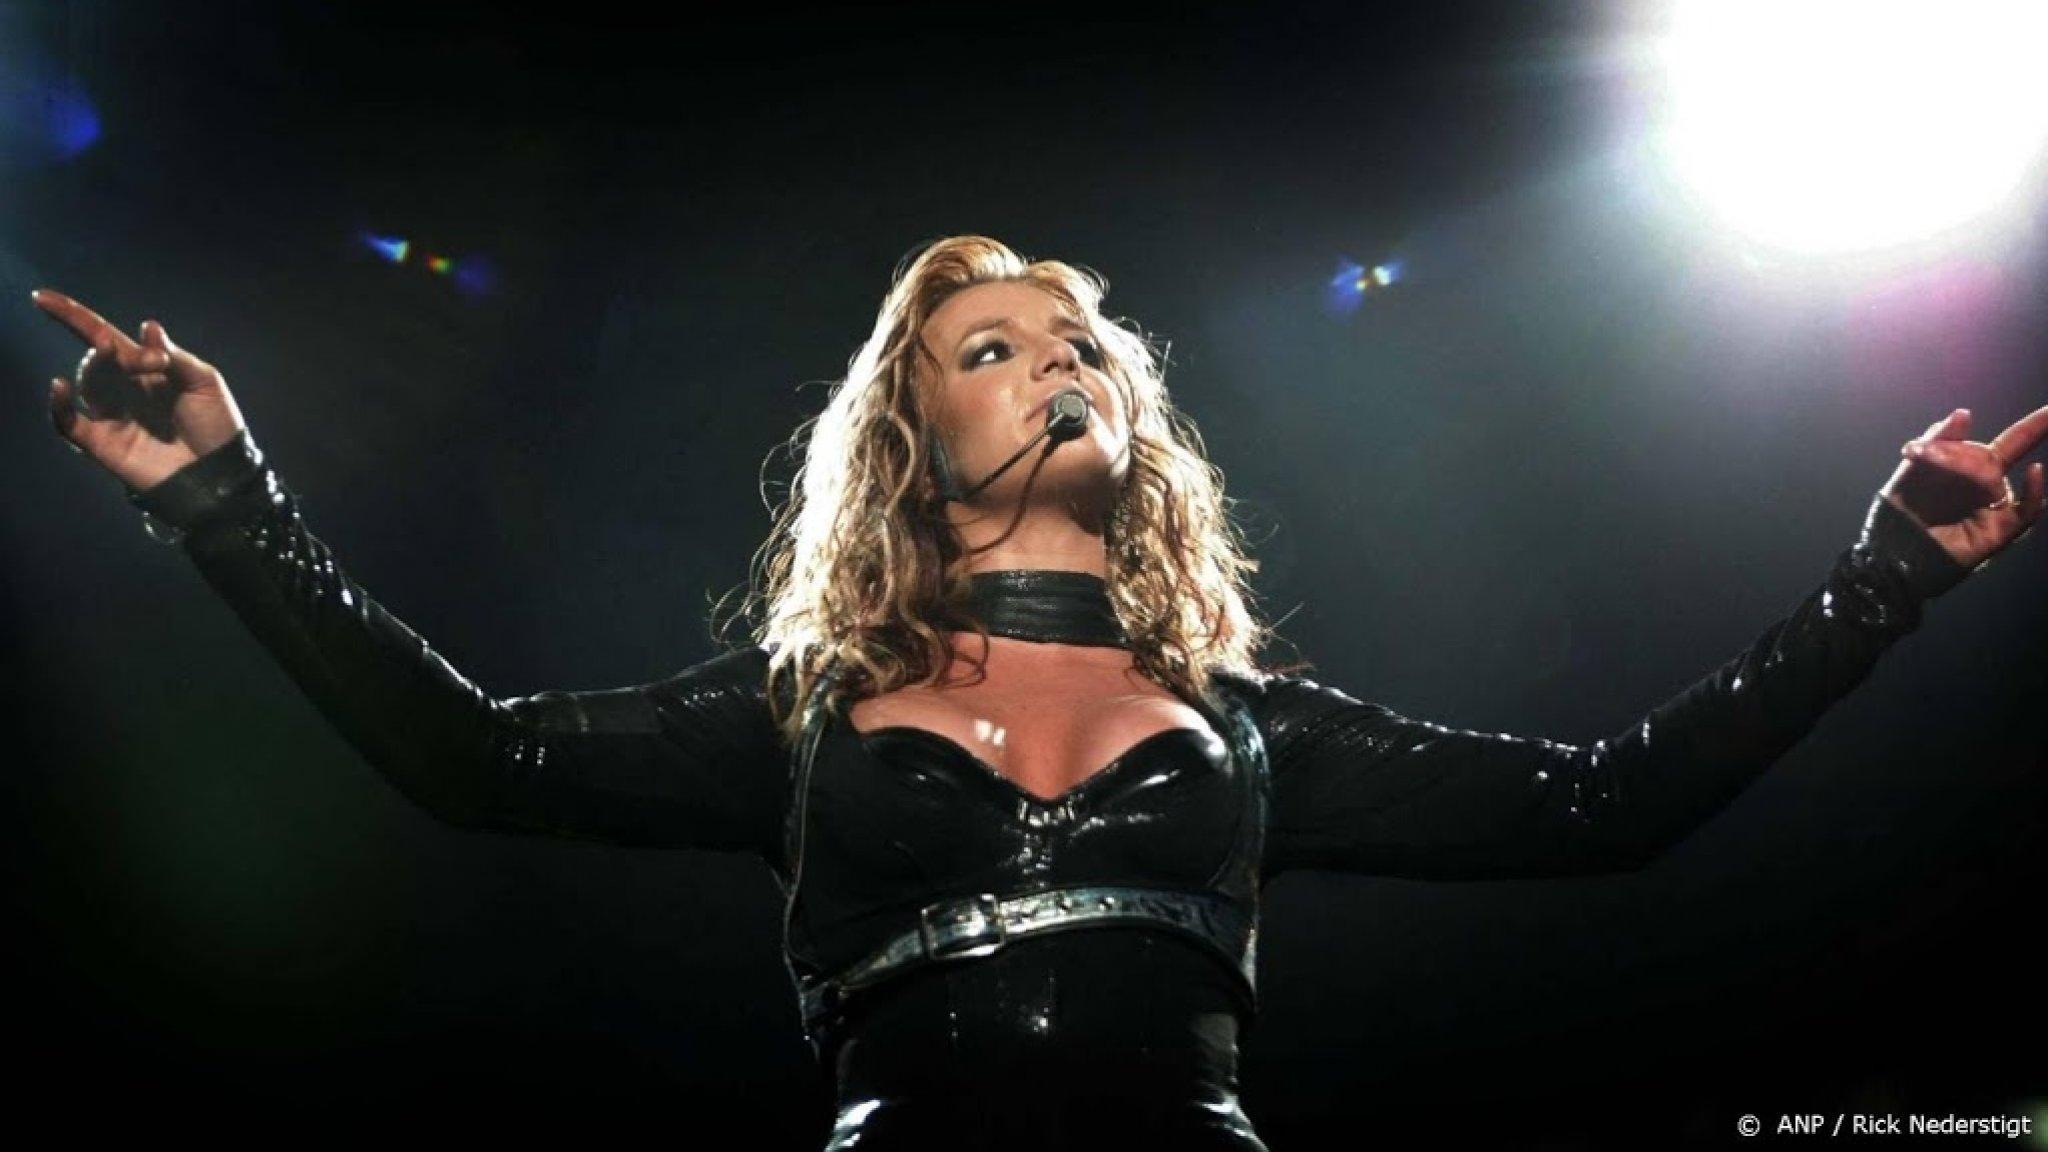 Rechter wijst het verzoek vader Britney Spears af - RTL Boulevard